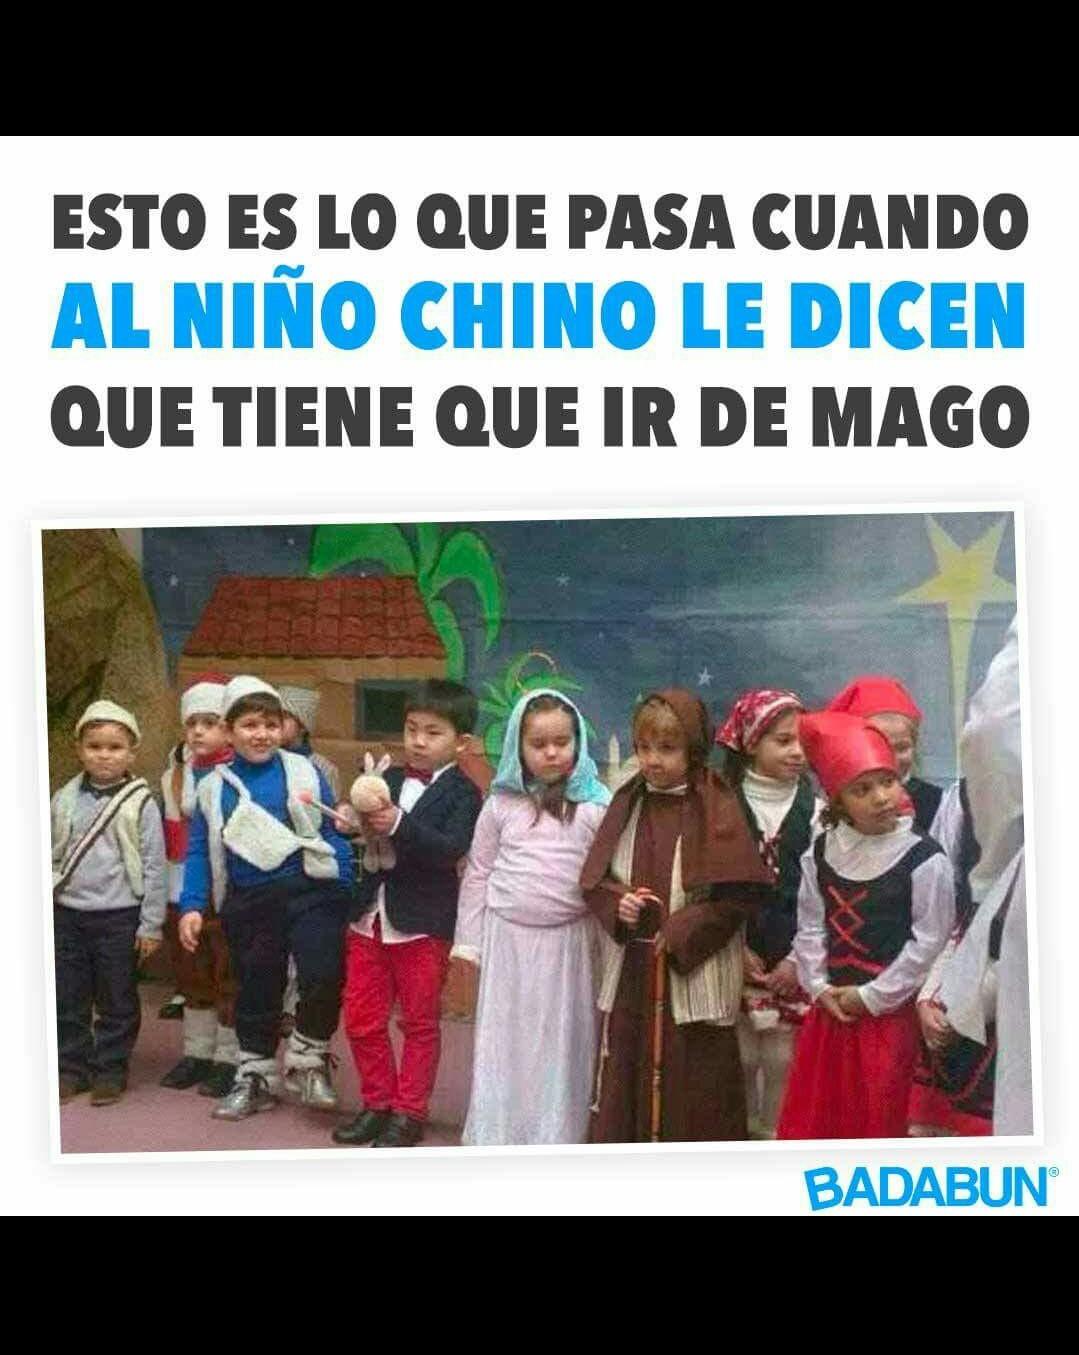 Maguito - meme